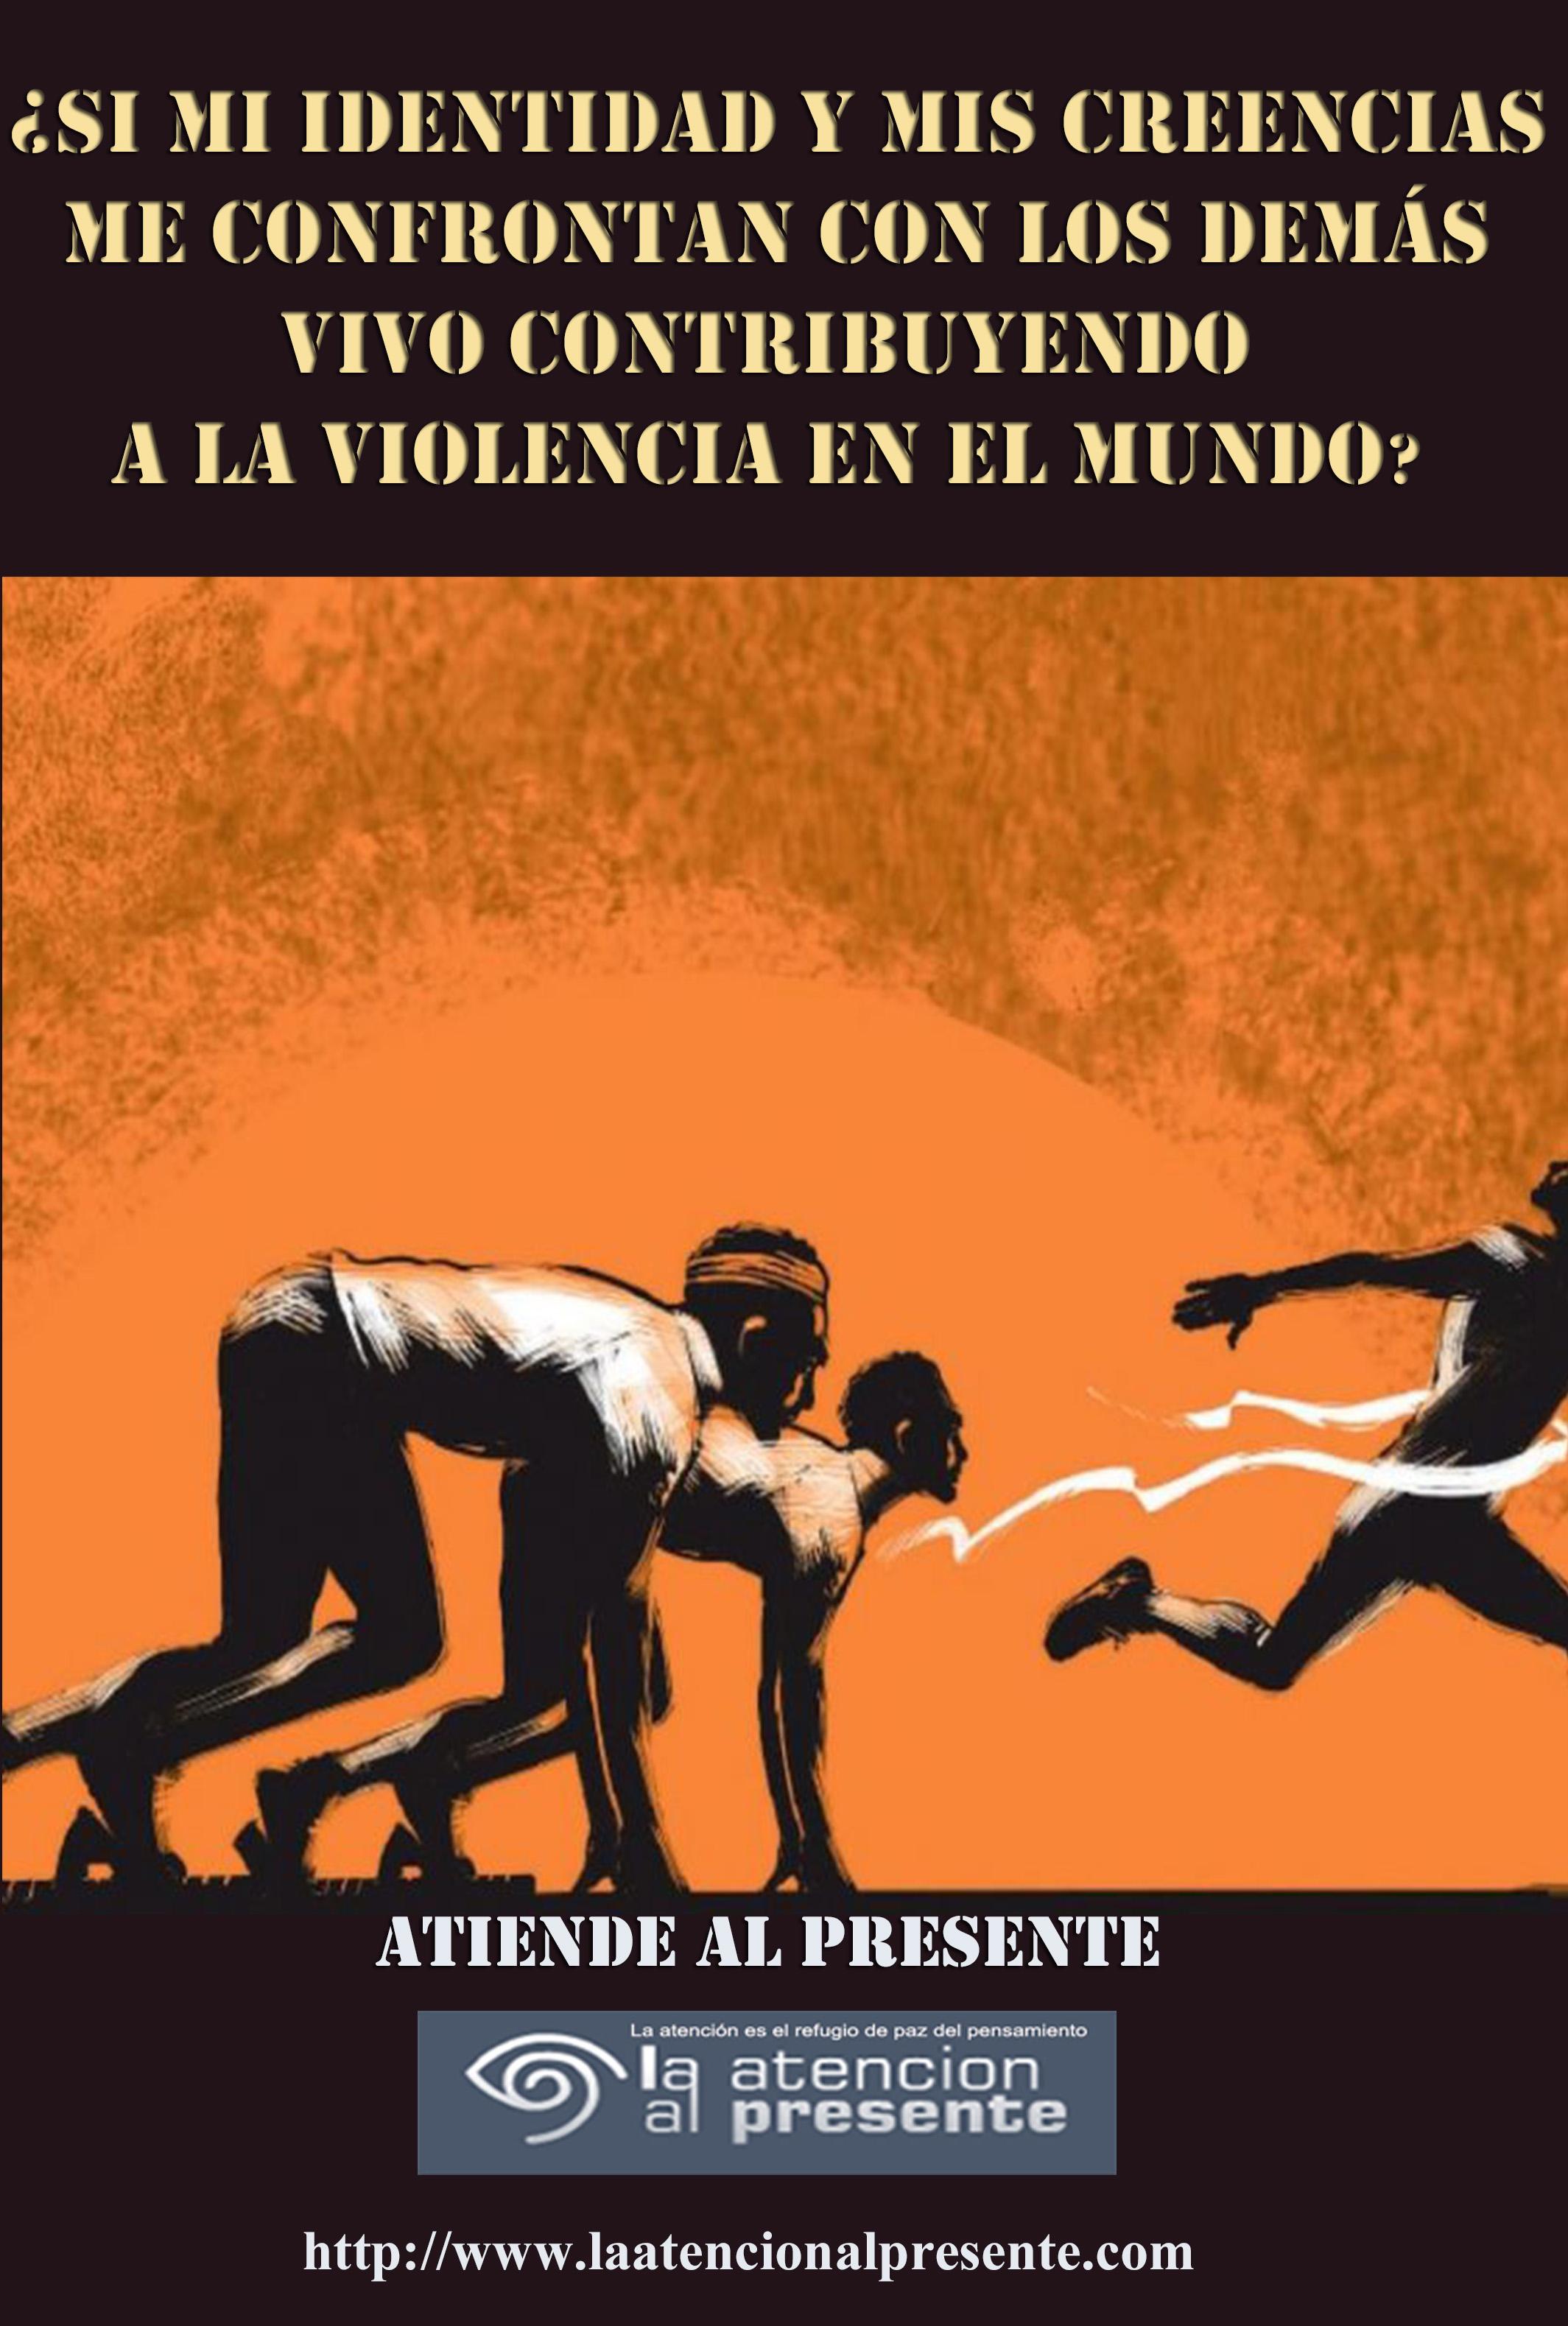 8 de diciembre Pepe Si mi identidad y mis creencias ME CONFRONTAN CON LOS DEMÁS VIVO CONTRIBUYENDO A LA VIOLENCIA EN EL MUNDO